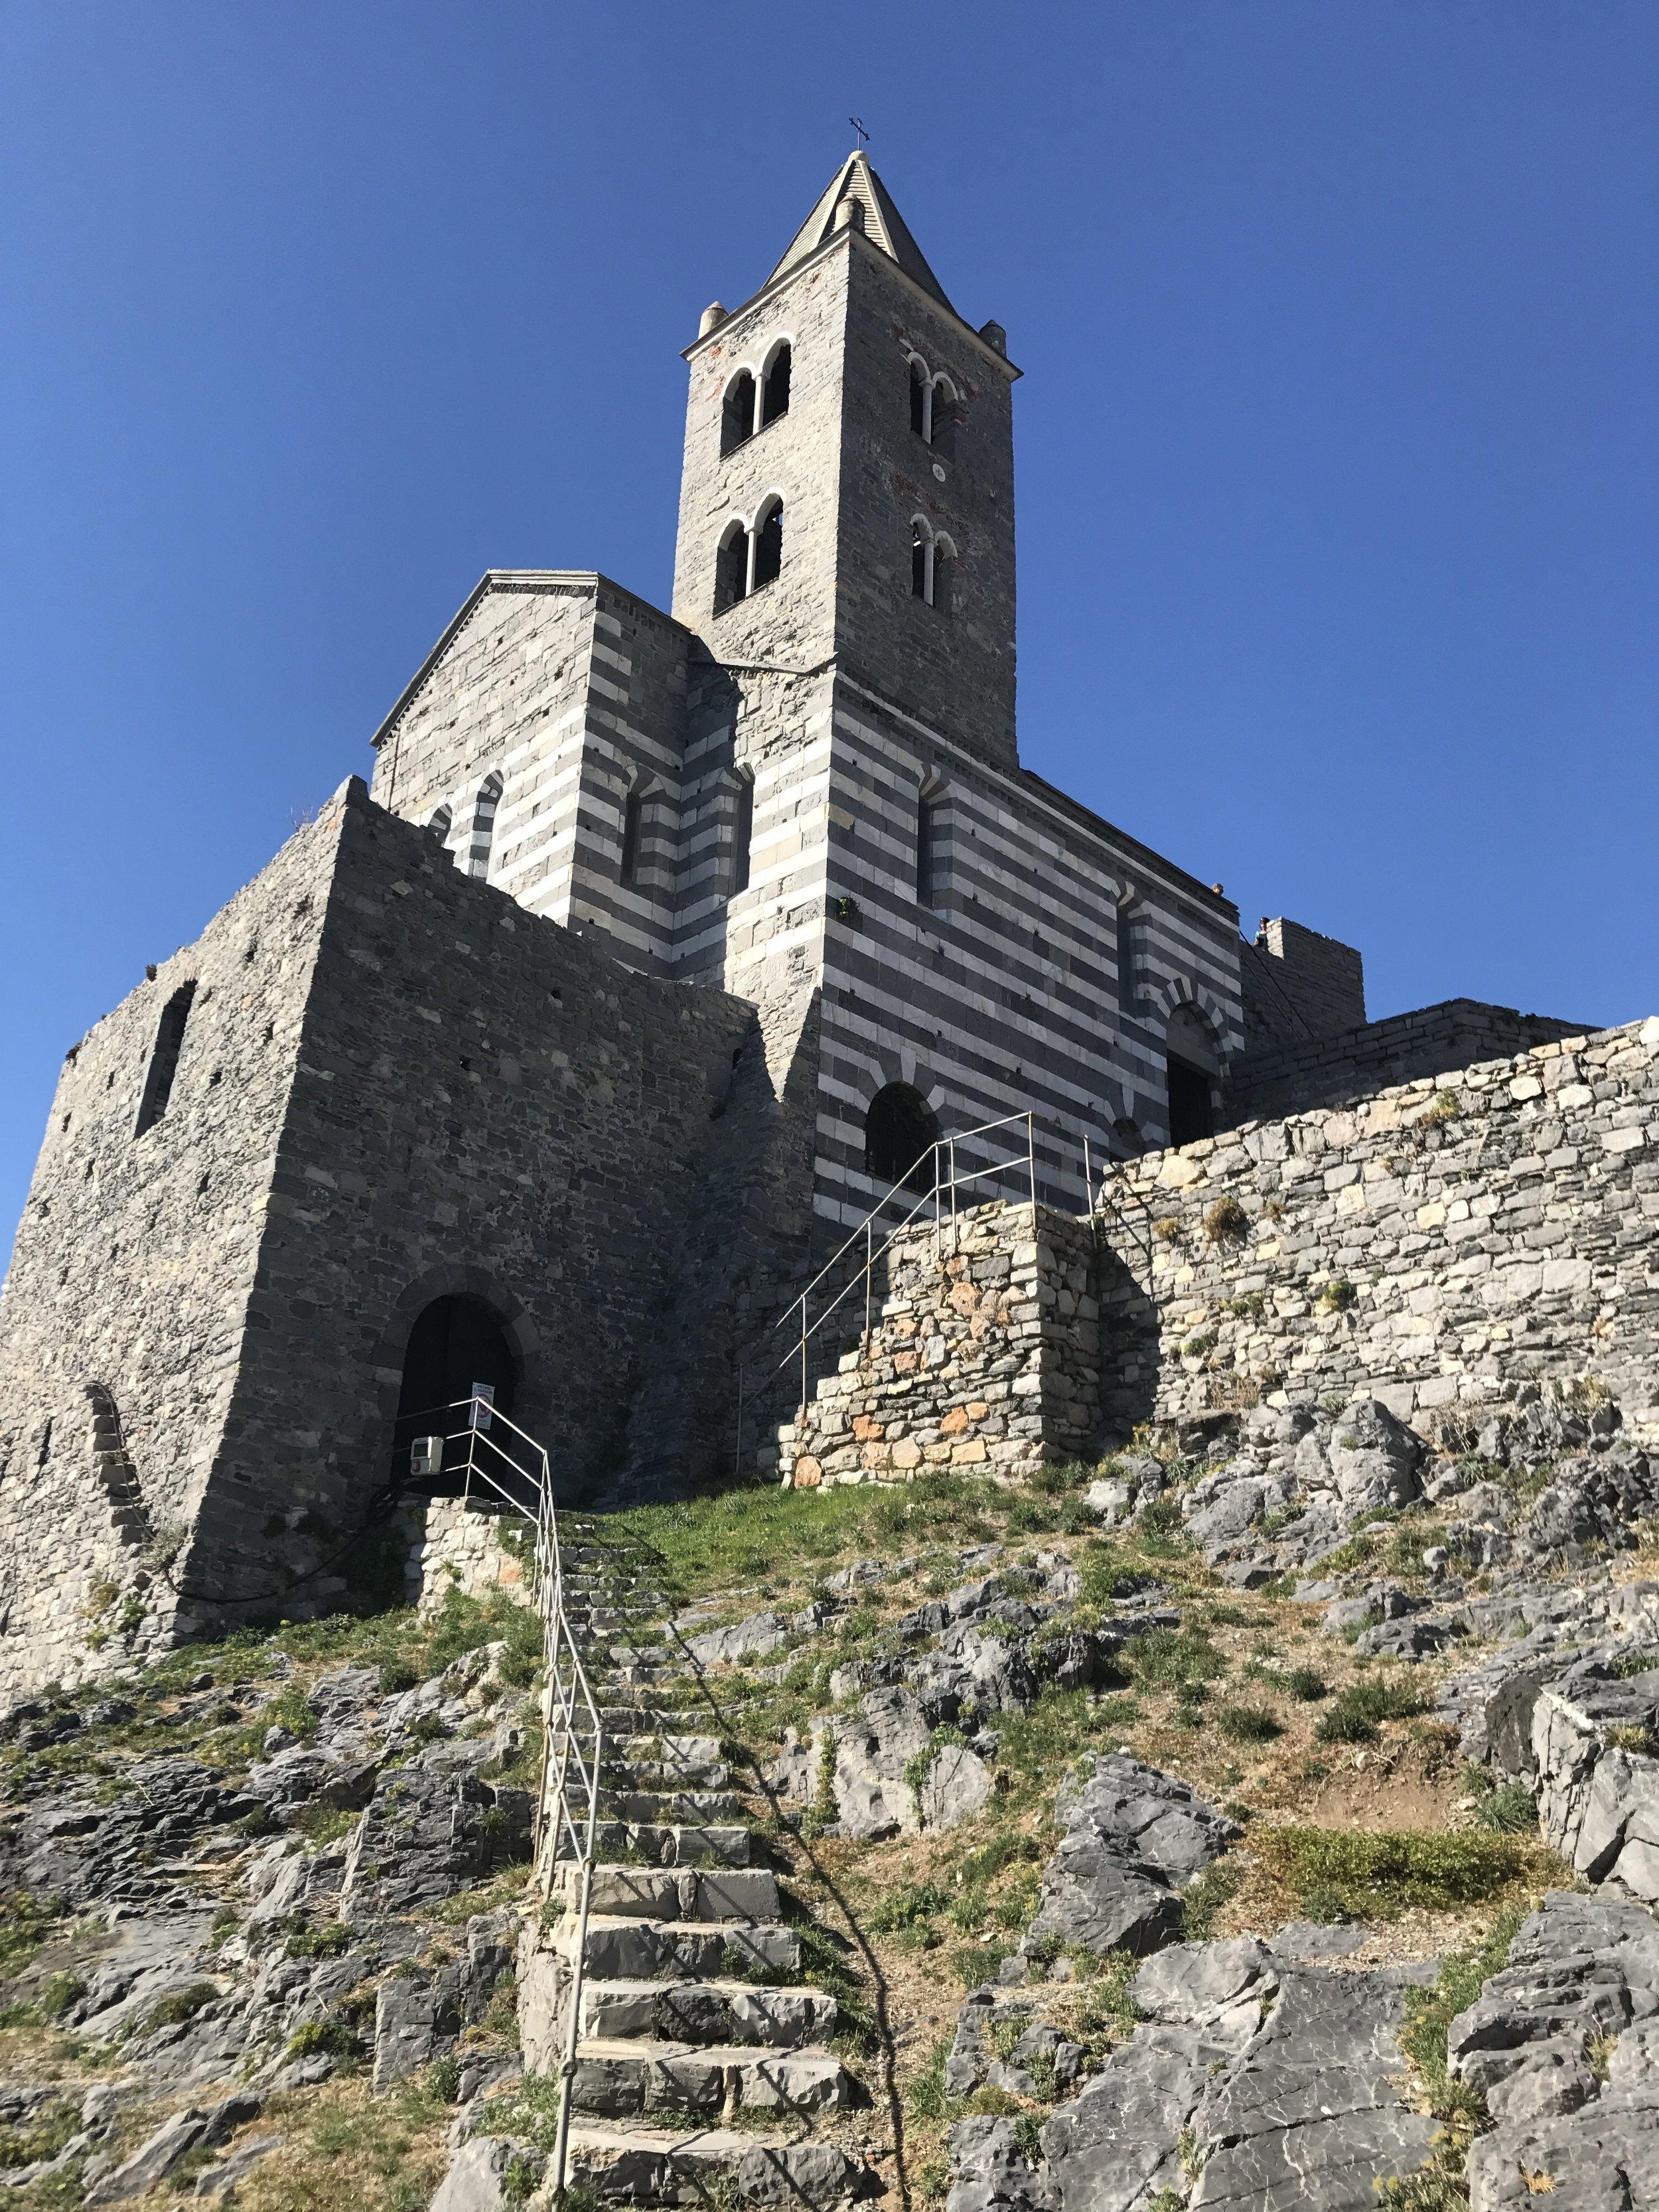 The Doria Castle